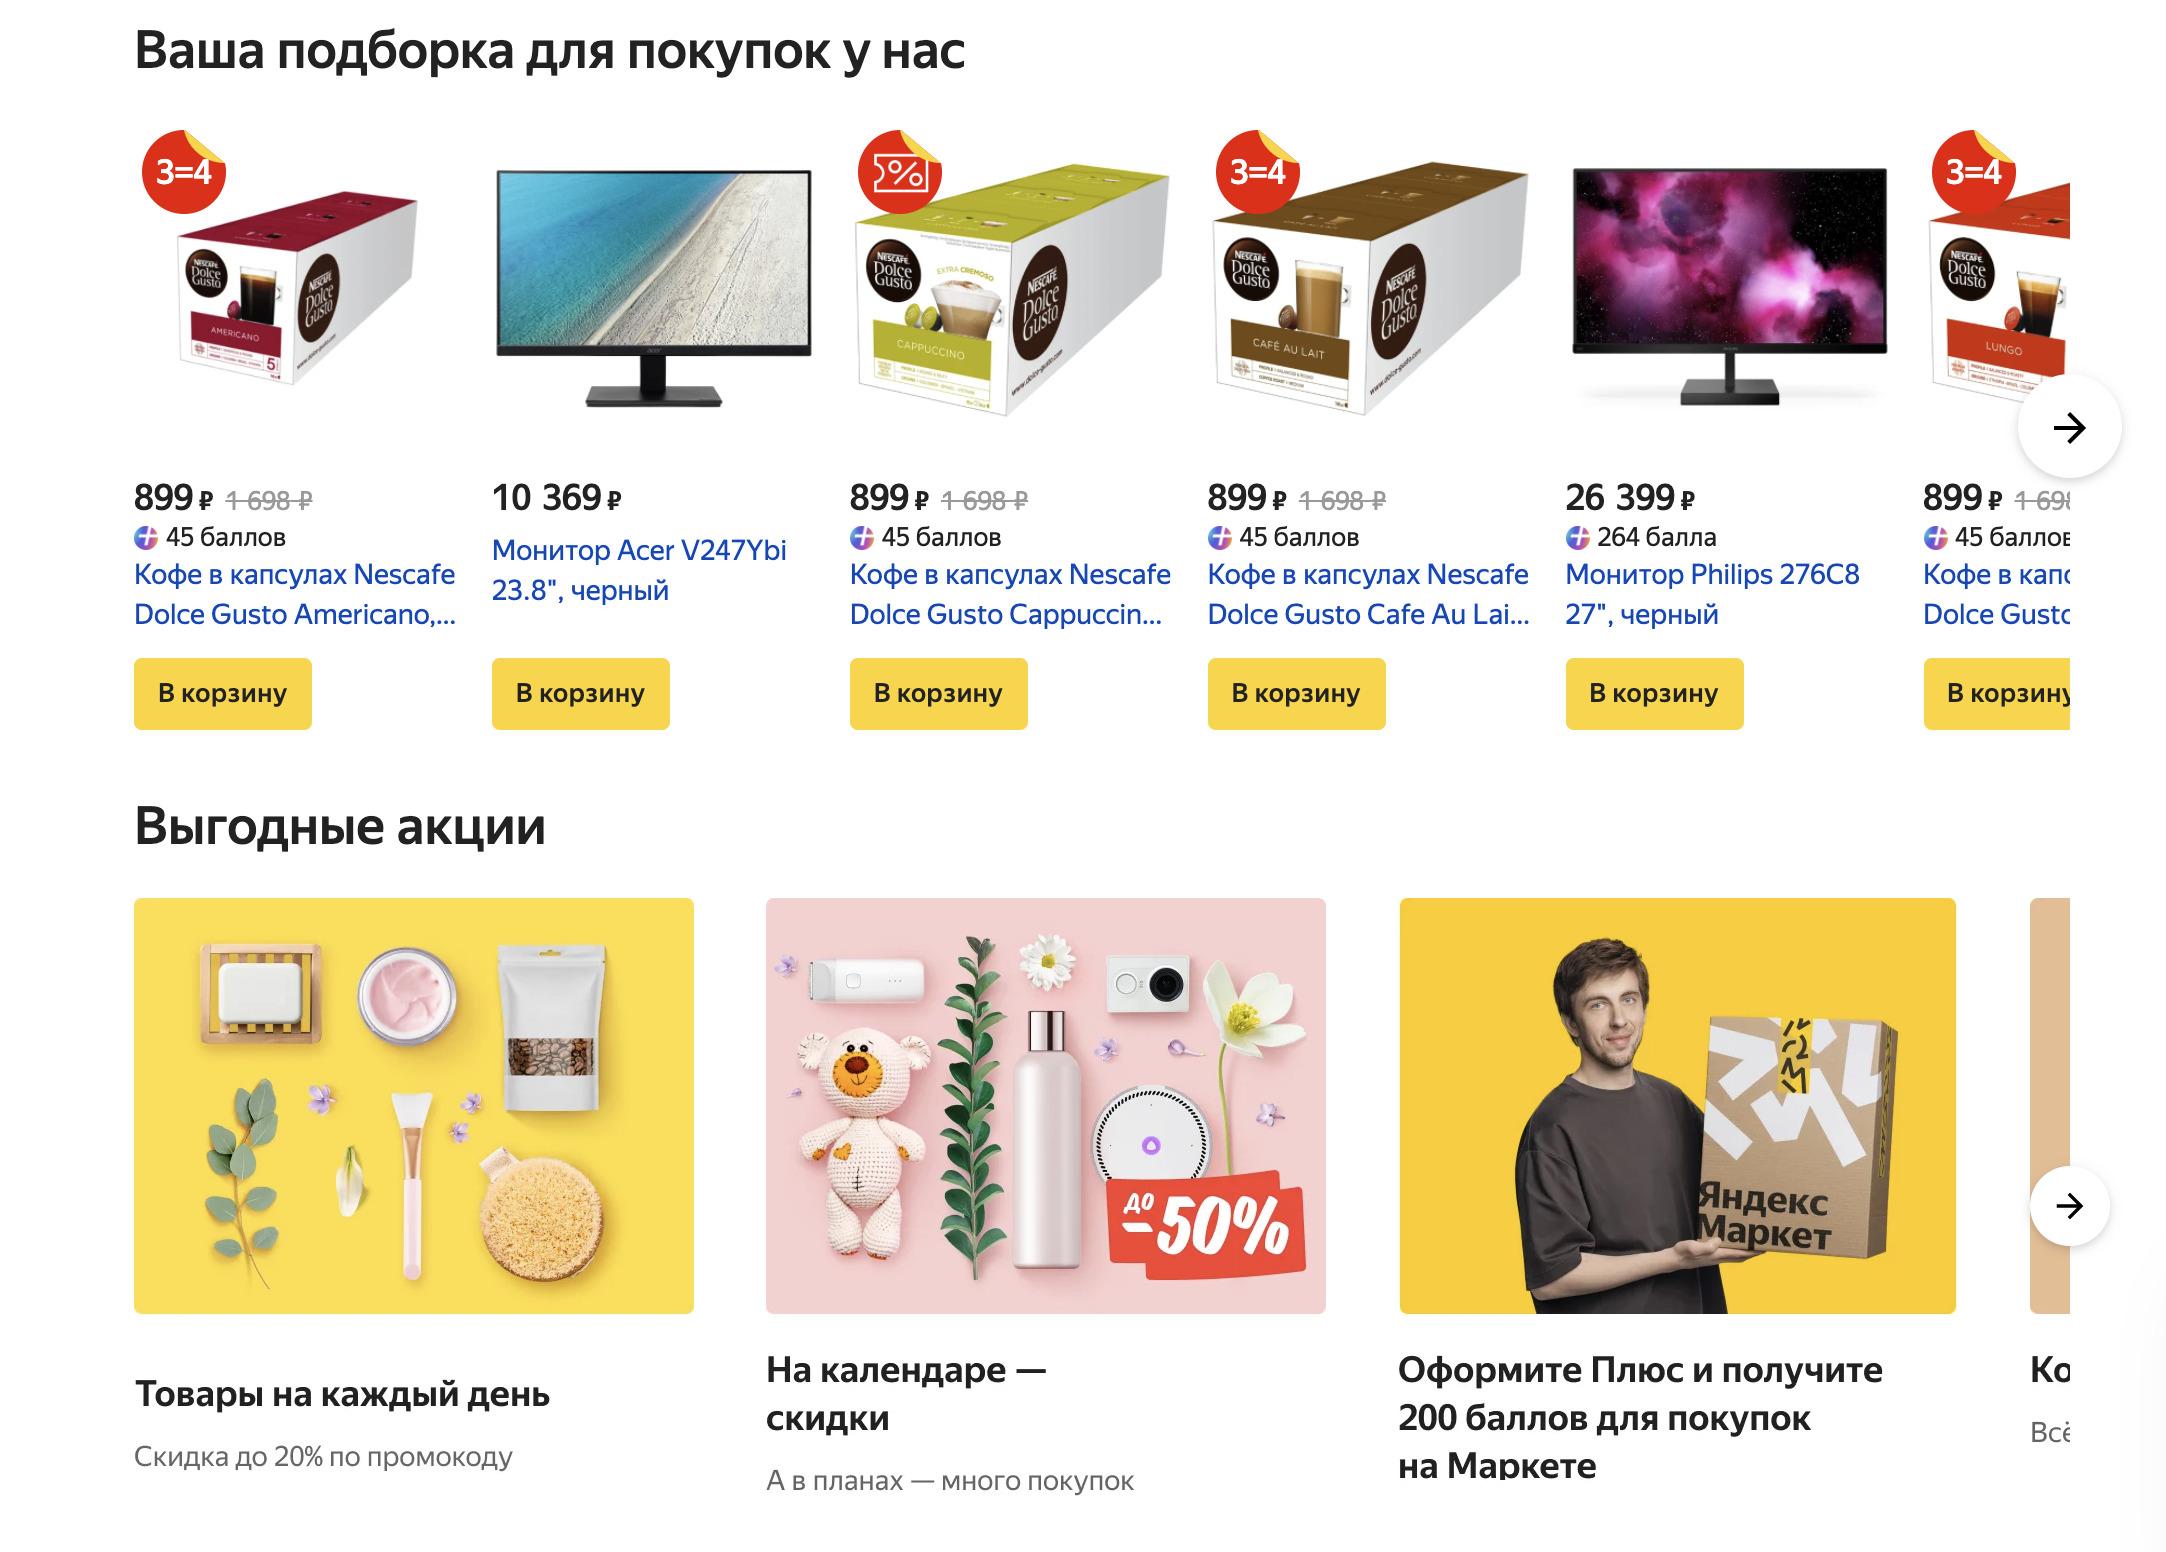 Доставка из Яндекс.Маркет в Республику Мордовия, сроки, пункты выдачи, каталог